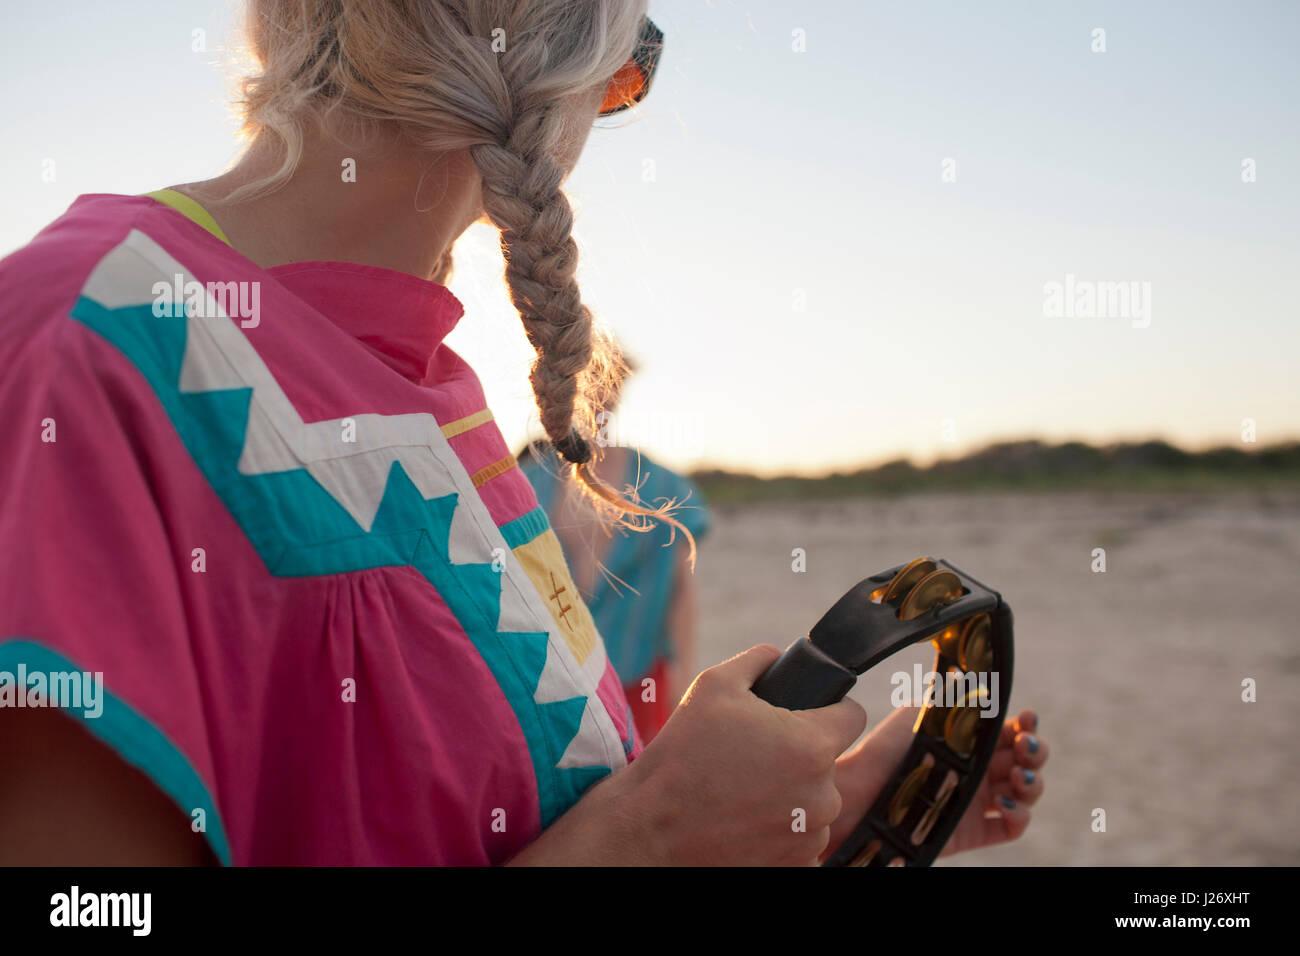 Giovane donna giocando un tamburello Immagini Stock